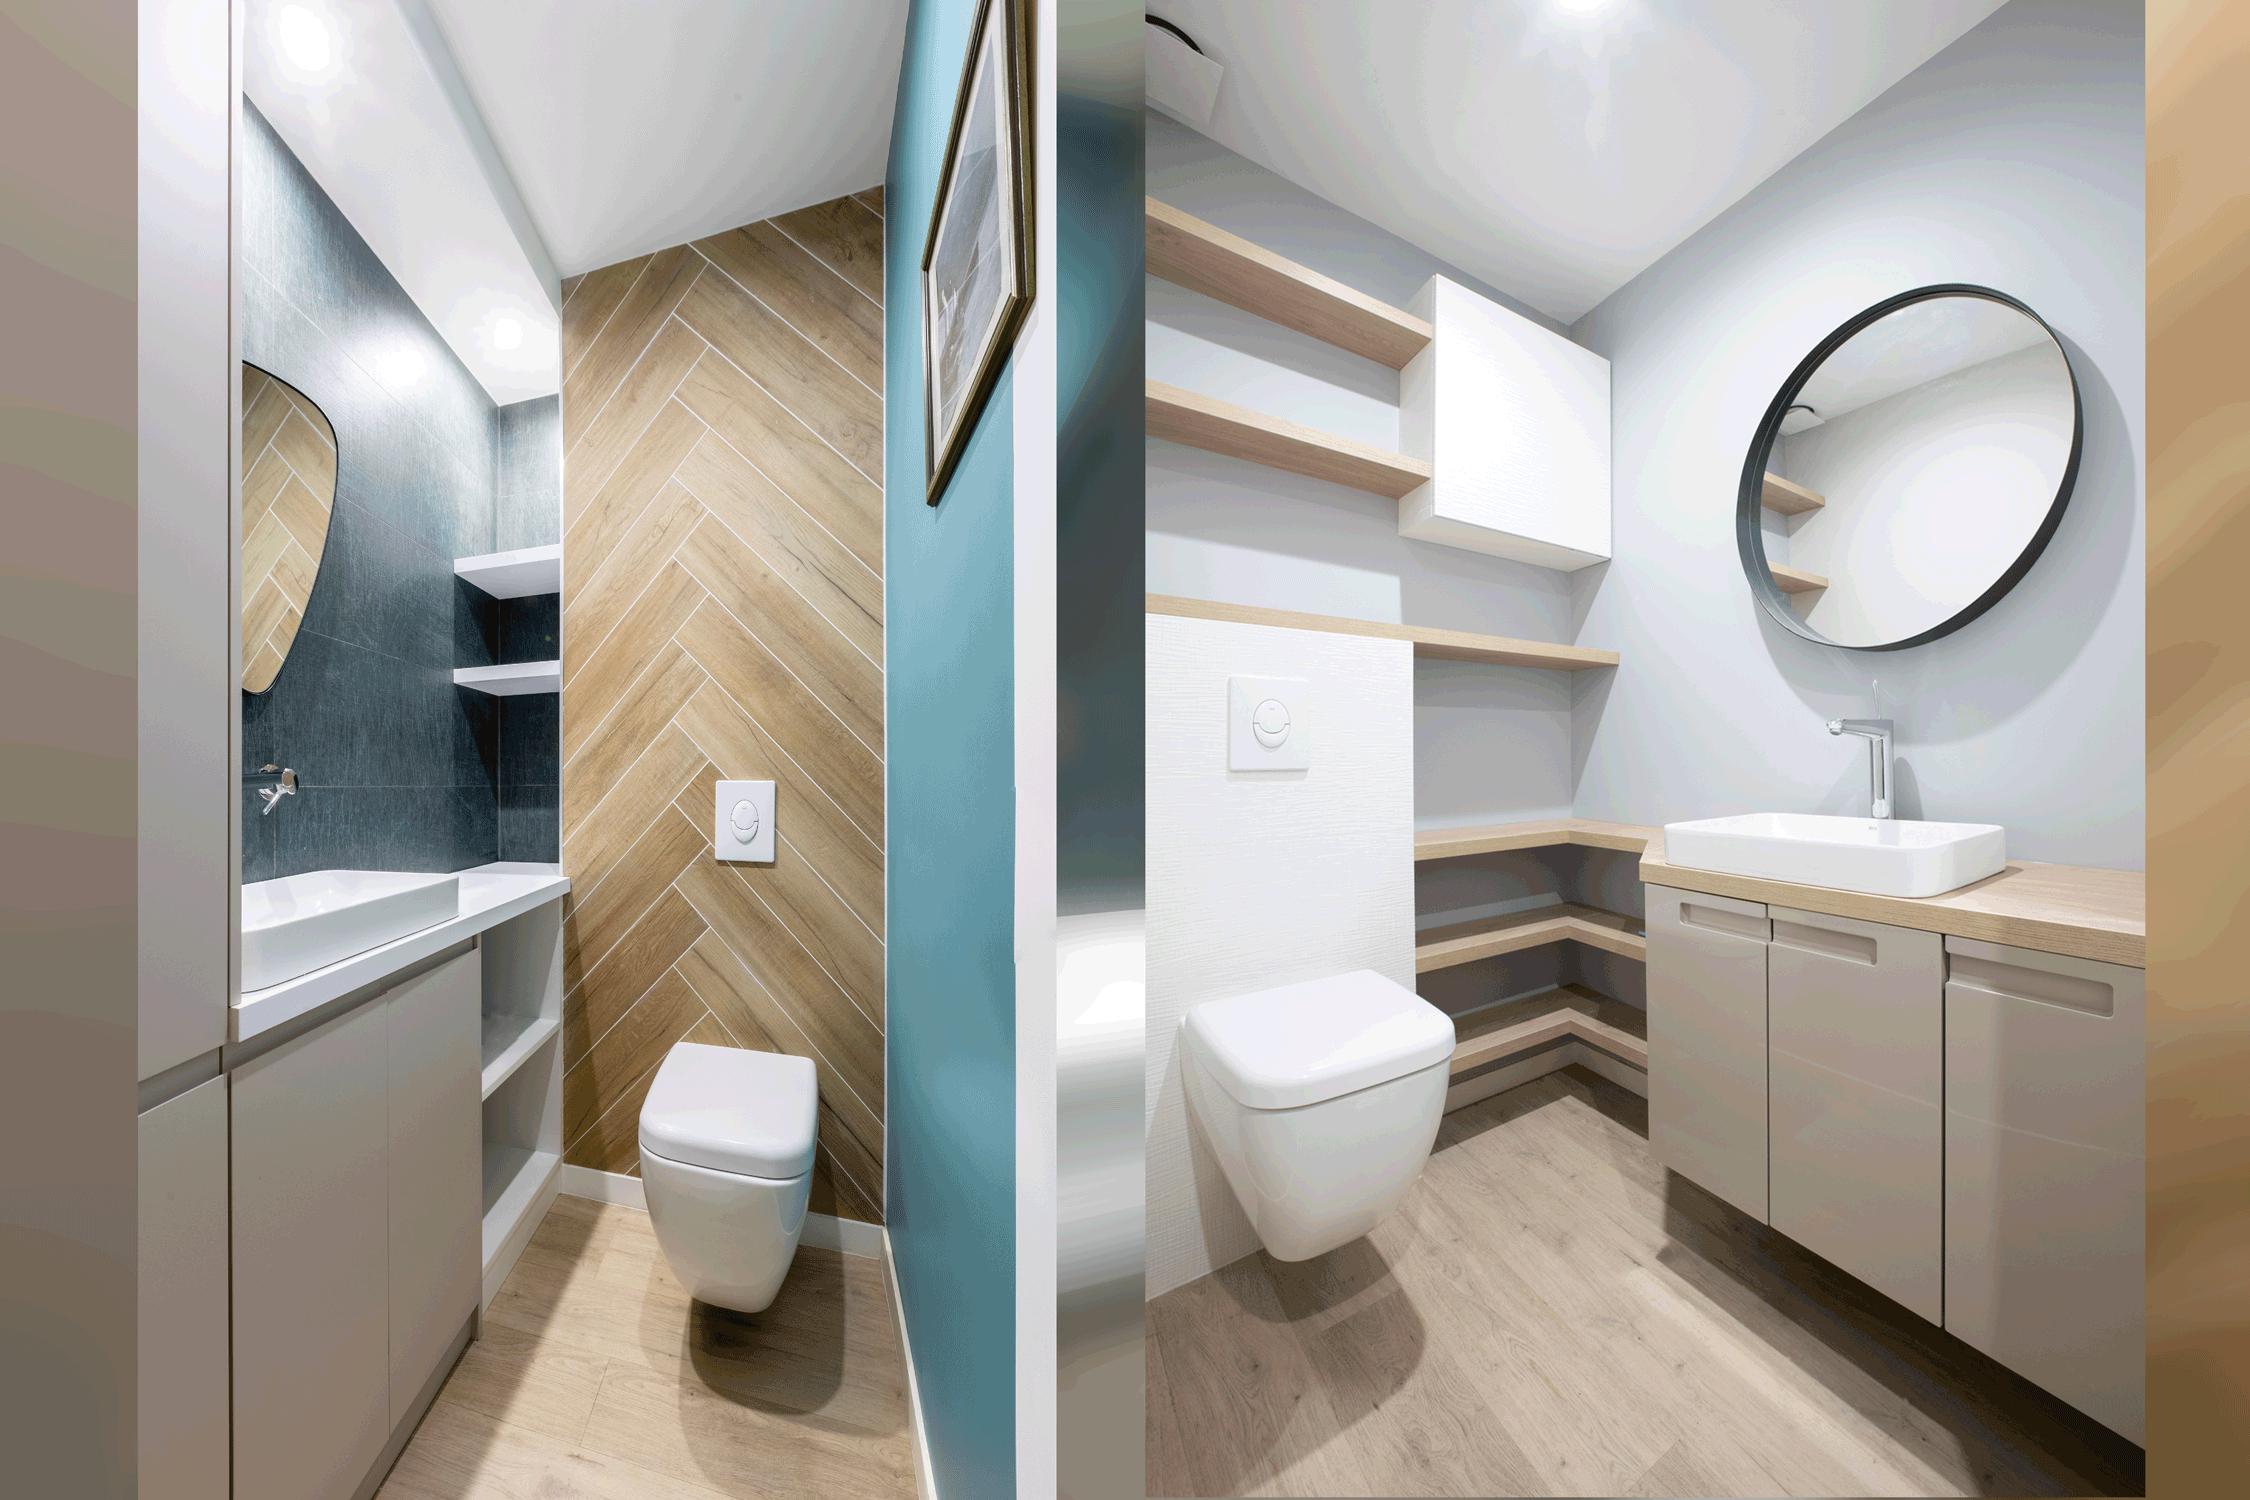 WC du rez-de-chaussée et de l'étage après travaux Draveil 2